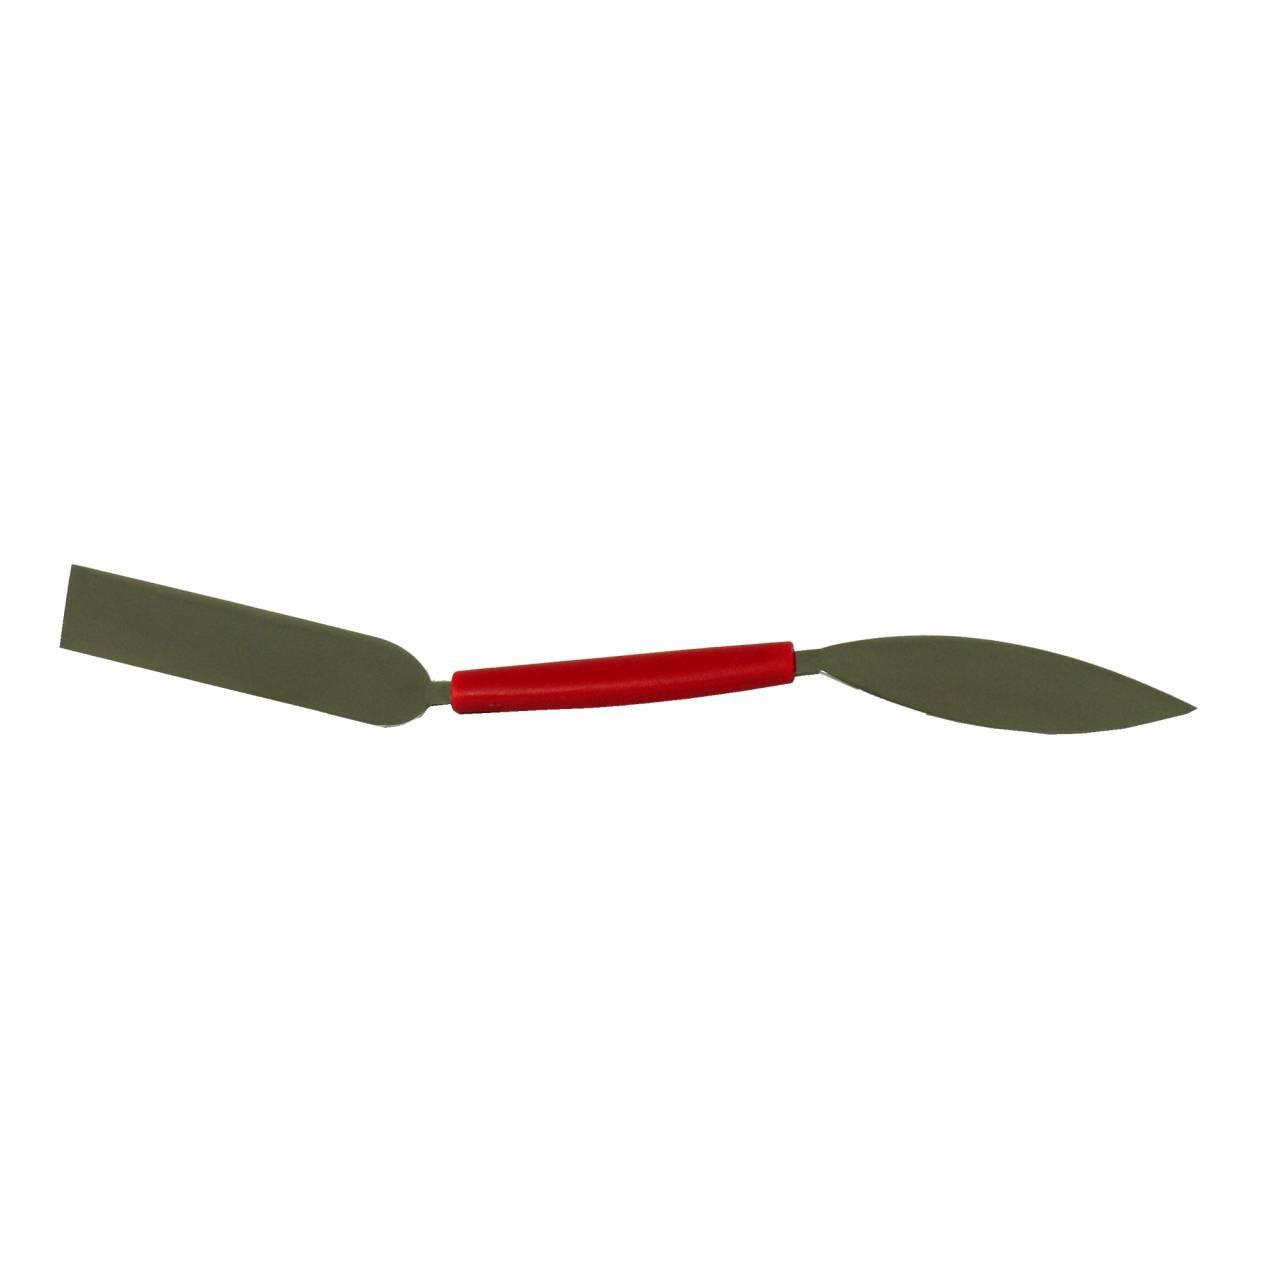 Gipseisen 30 mm, eckig / spitz, Rostfrei